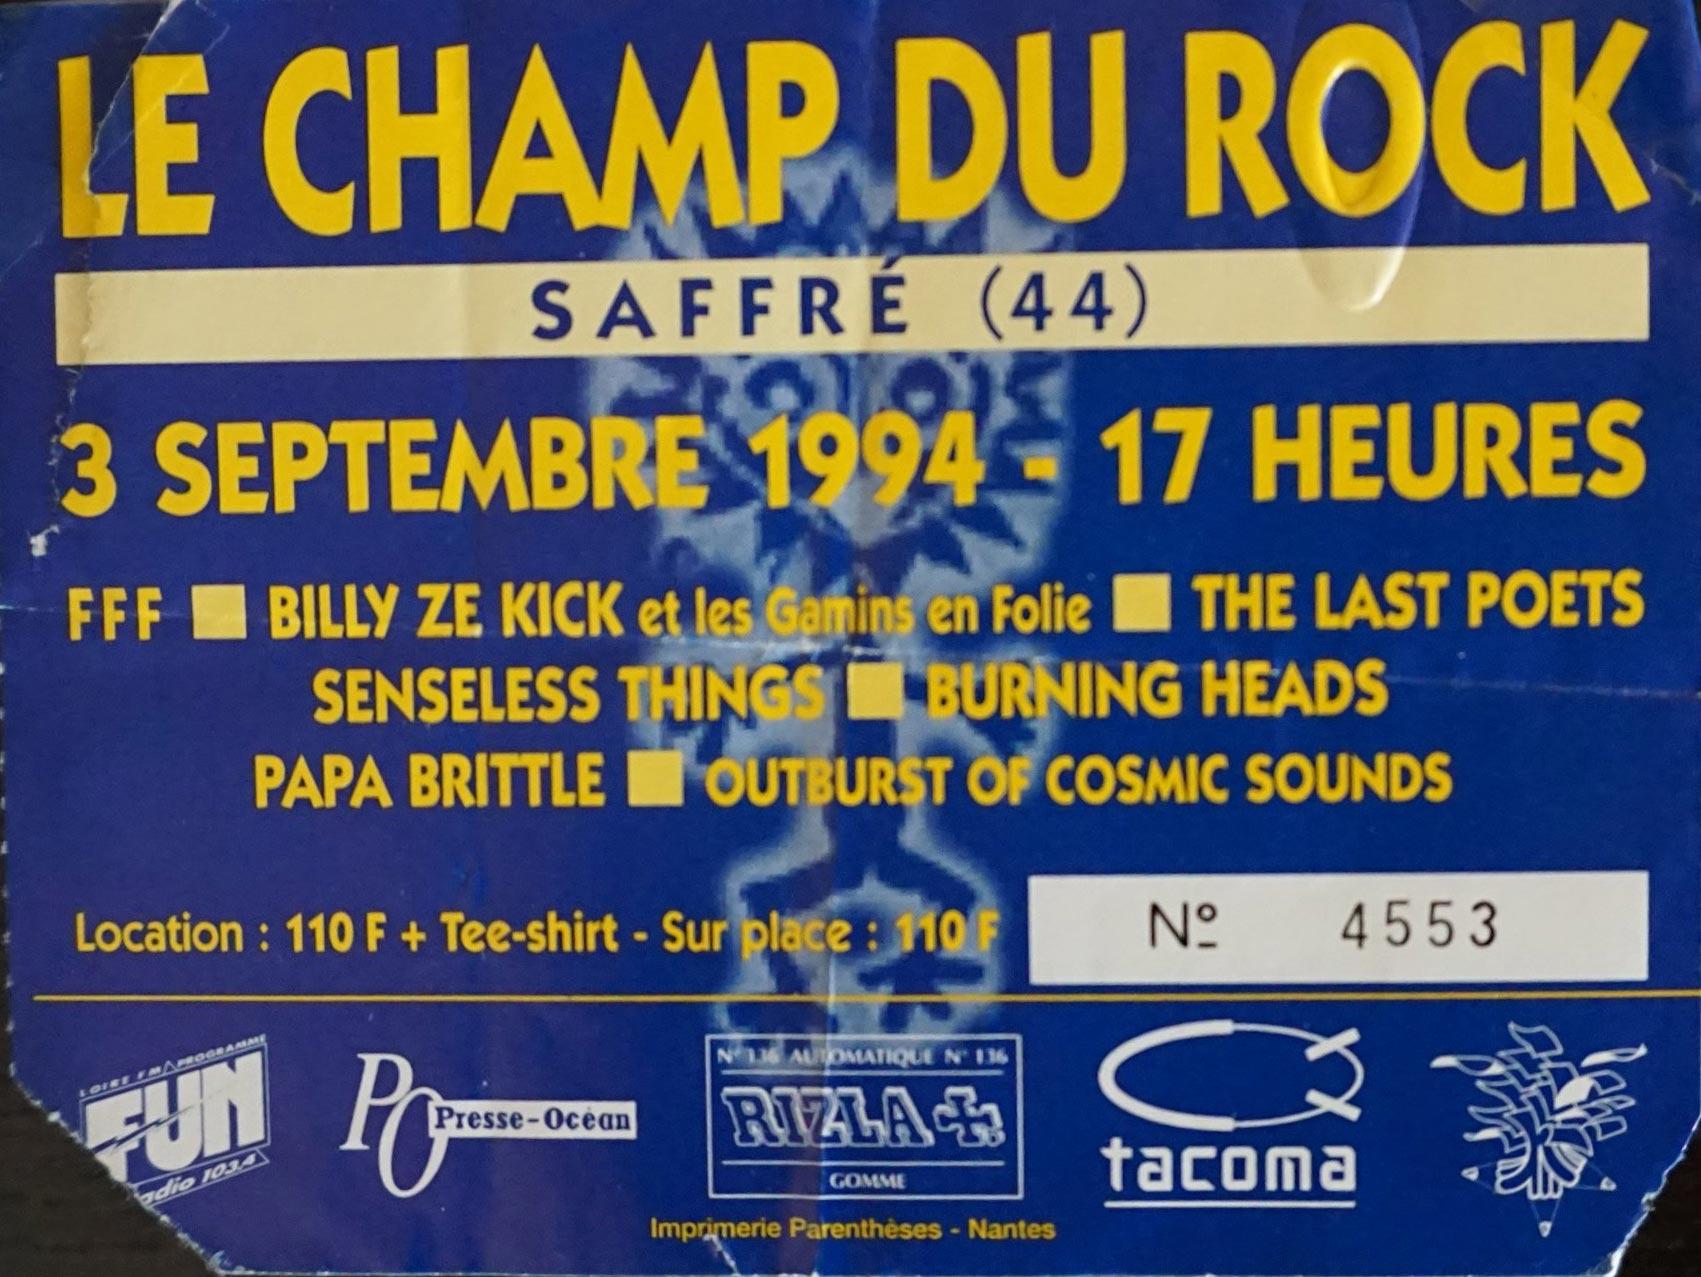 3 septembre 1994 FFF, Billy Ze Kick et les Gamins en Folie, The Last Poets, Senseless Things, Burning Heads, Papa Brittle, Outburst of Cosmic Sounds à Saffré